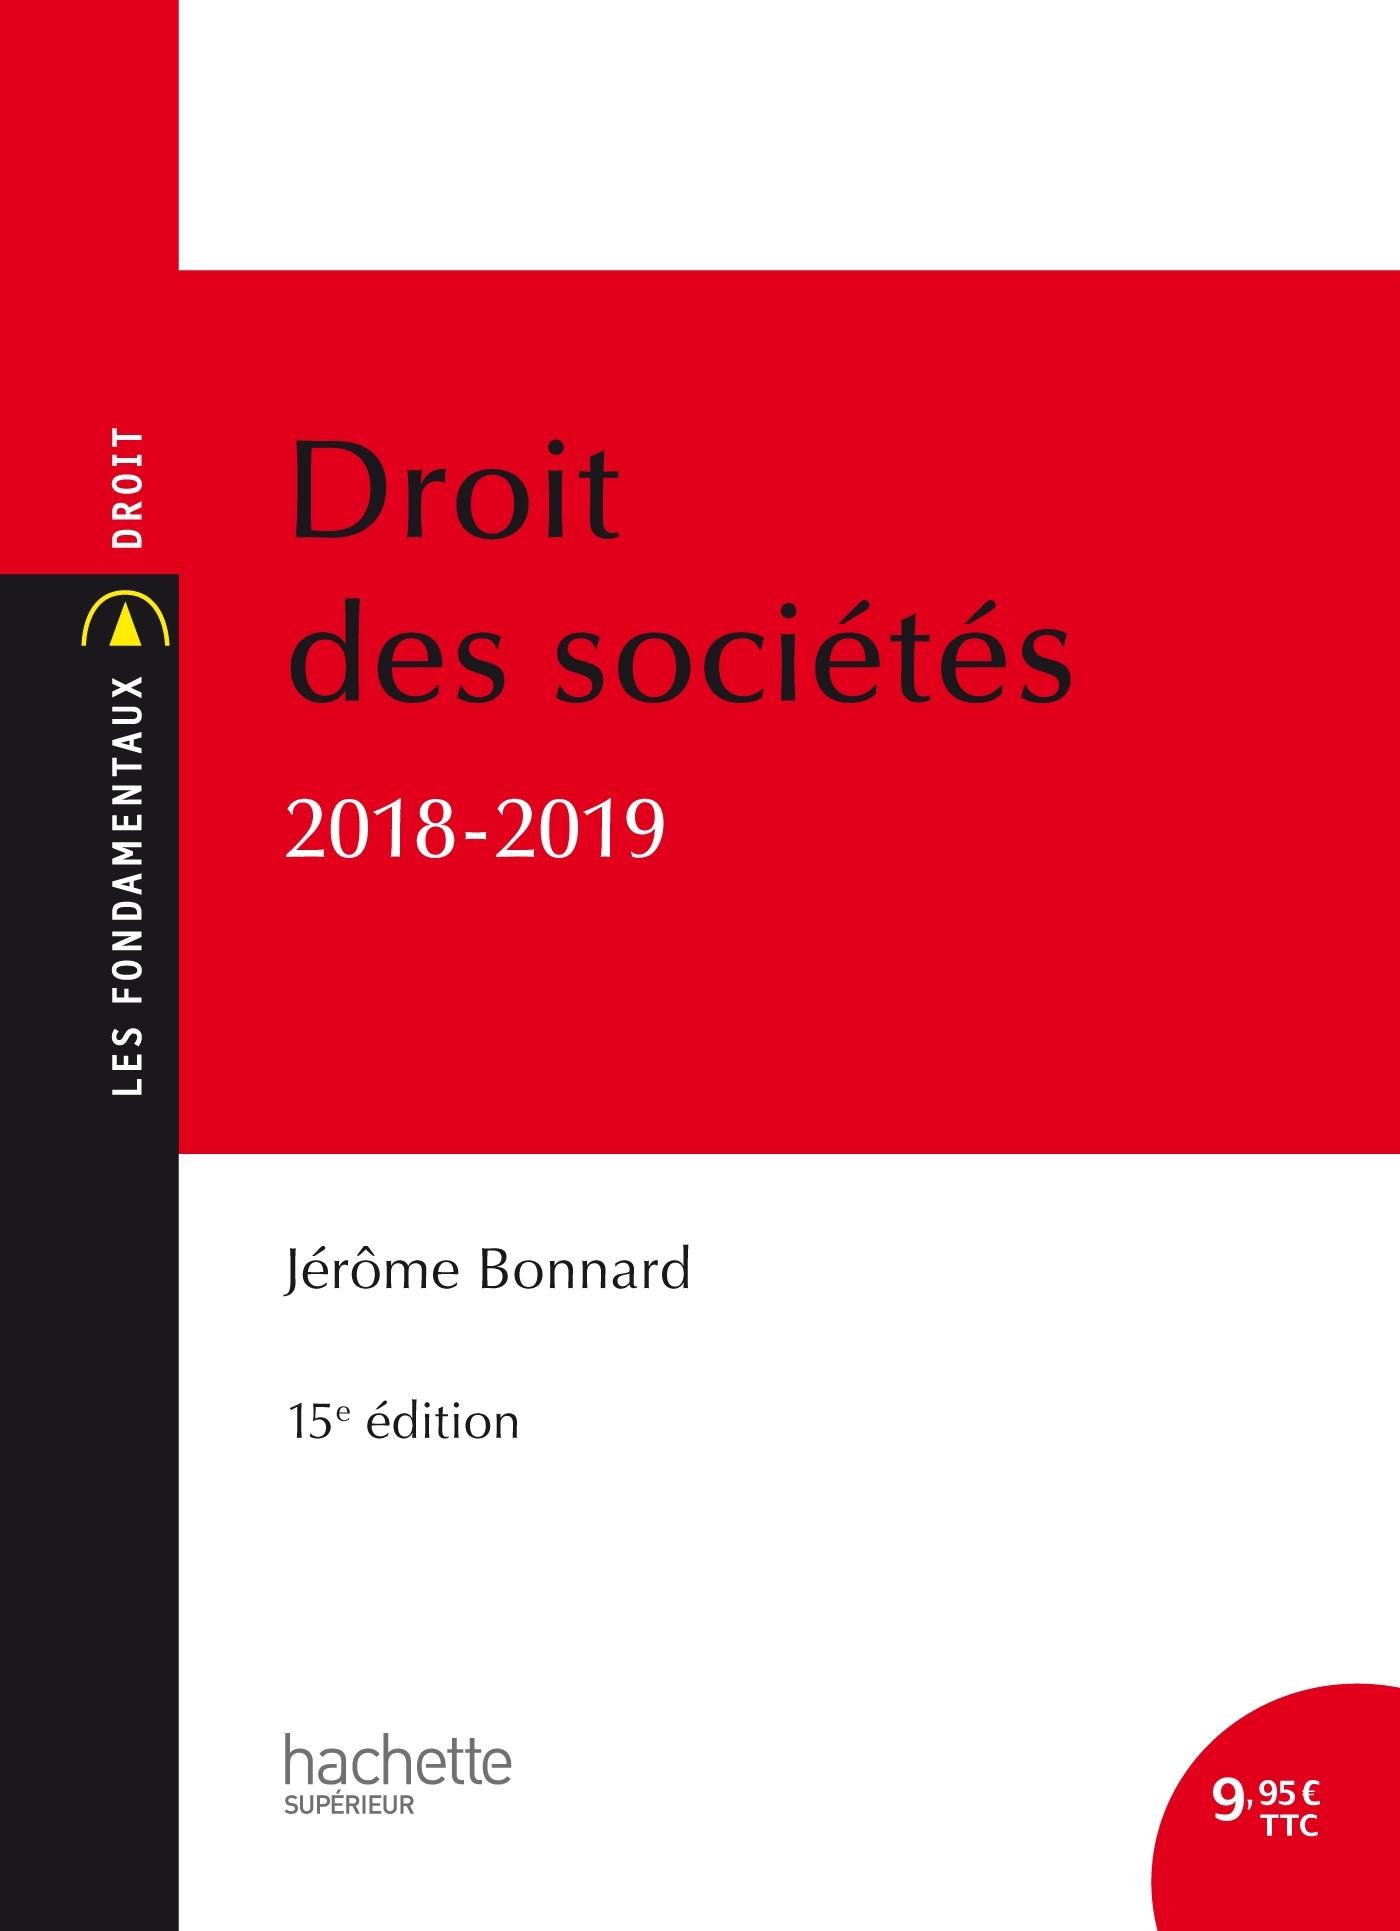 LES FONDAMENTAUX DROIT DES SOCIETES 2018-2019